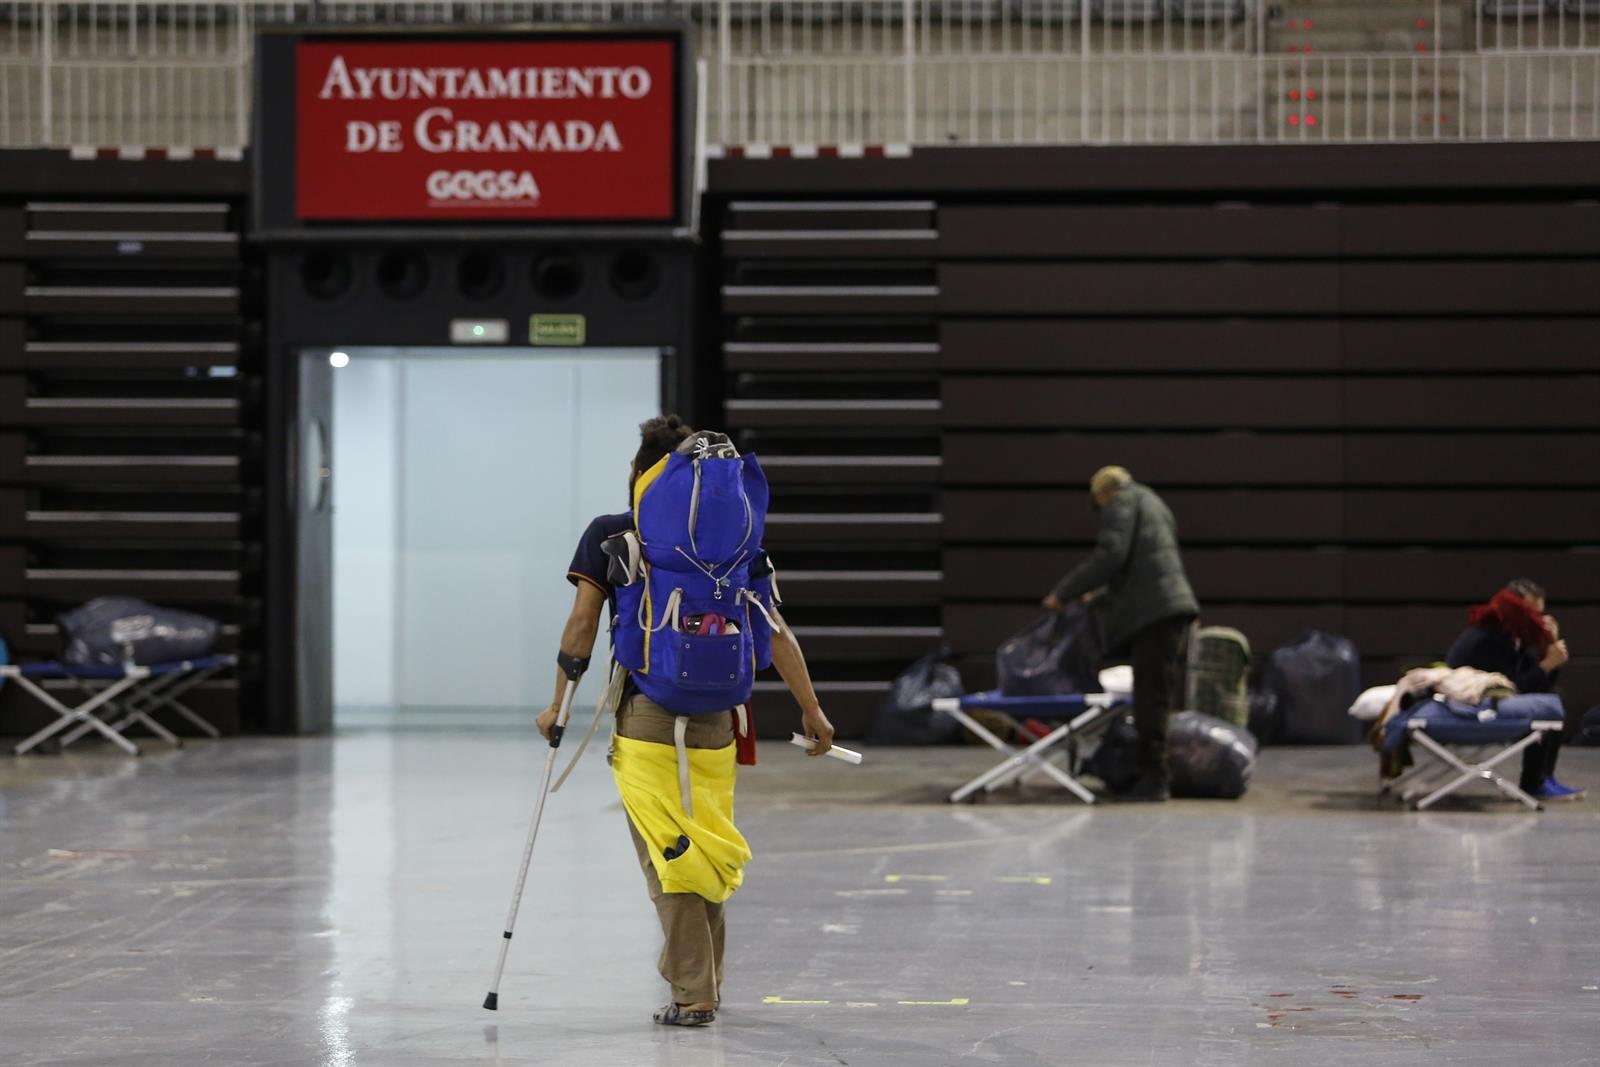 El Ayuntamiento analiza la posibilidad de implantar un albergue para personas sin hogar